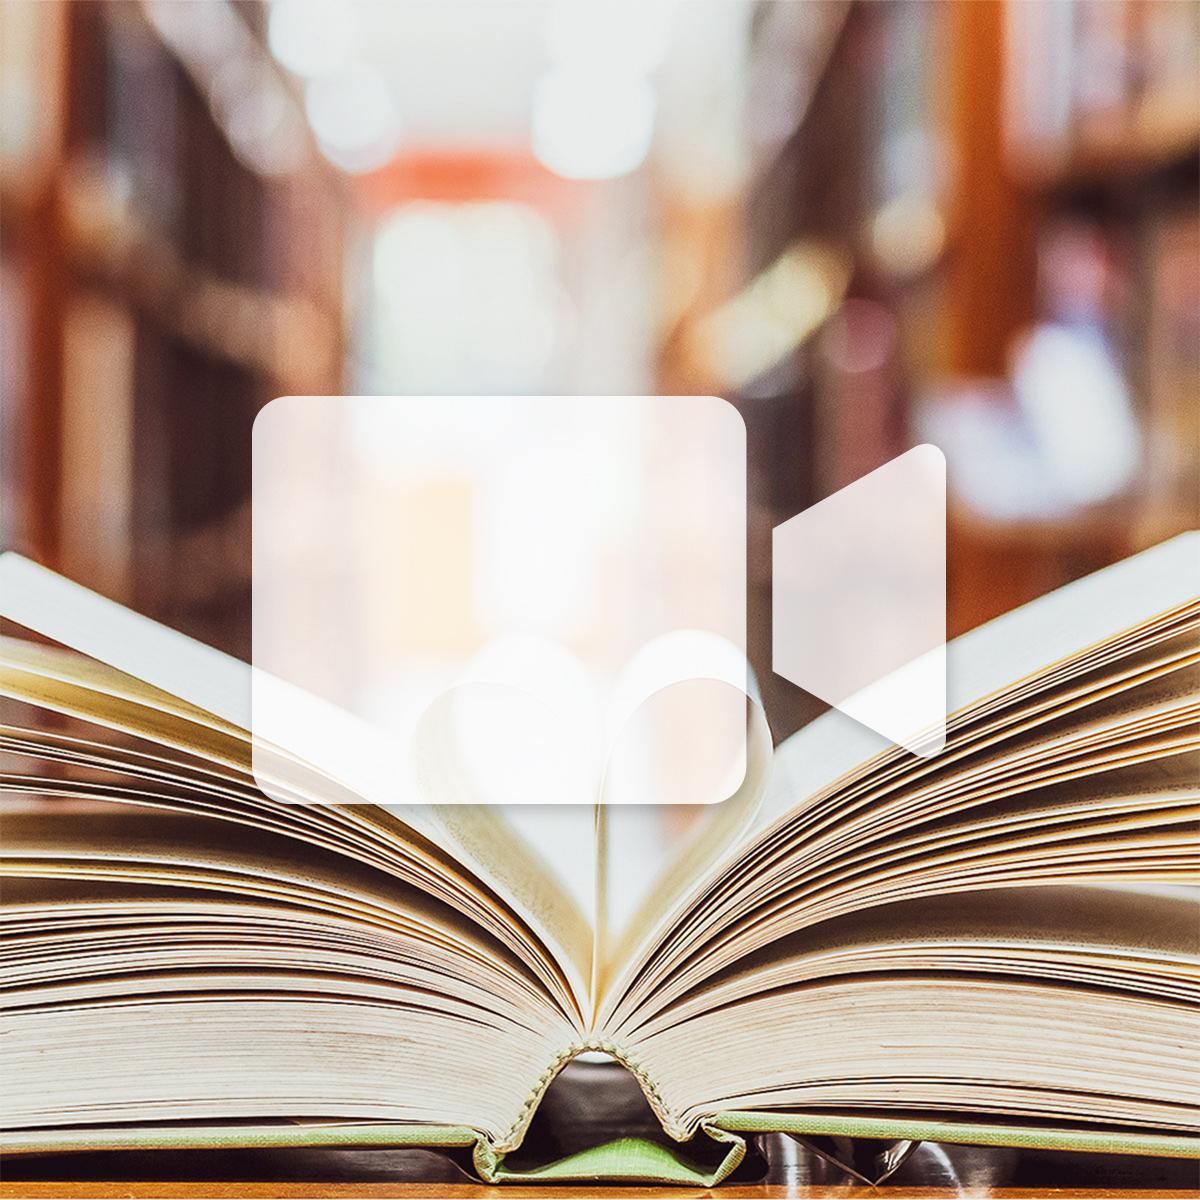 En ligne - Club de lecture - Séance du 5 mars